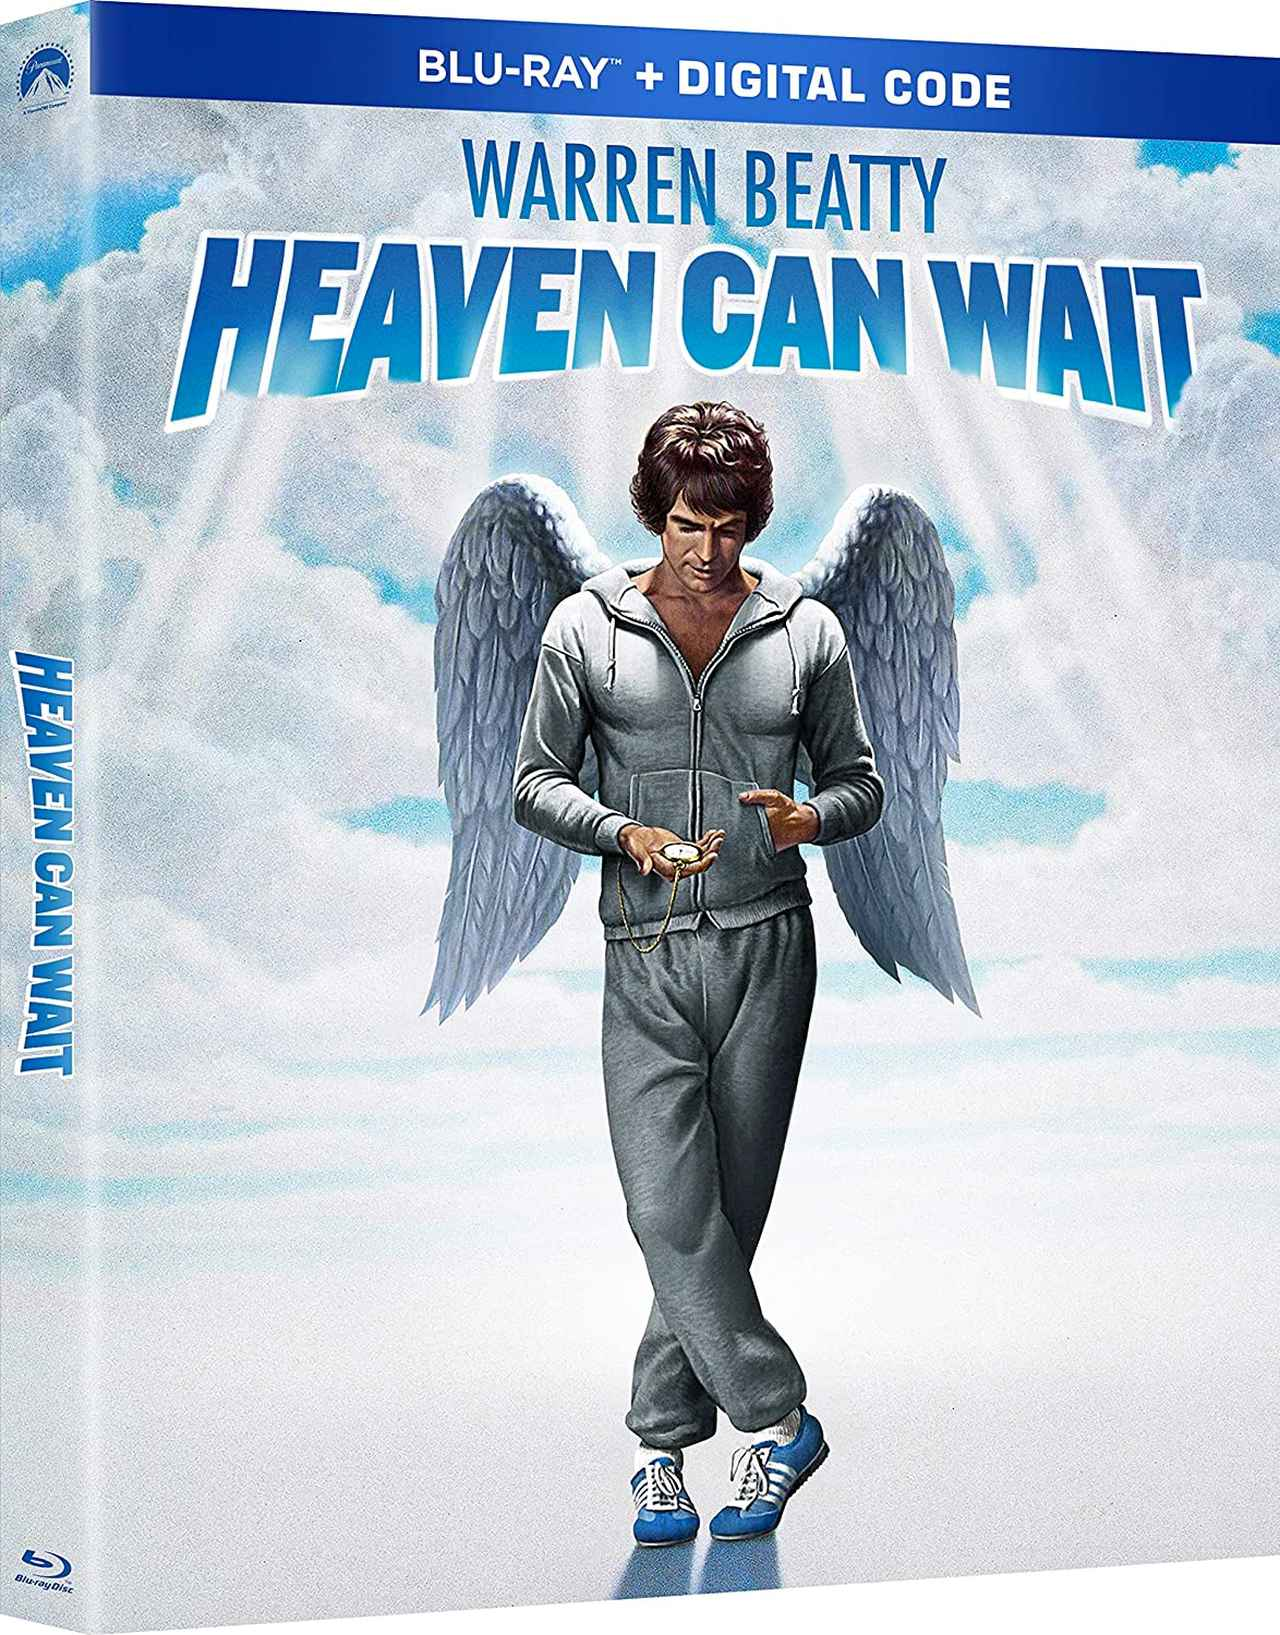 画像2: 4Kレストアで蘇る名作『レッズ』『天国から来たチャンピオン』【海外盤Blu-ray発売情報】